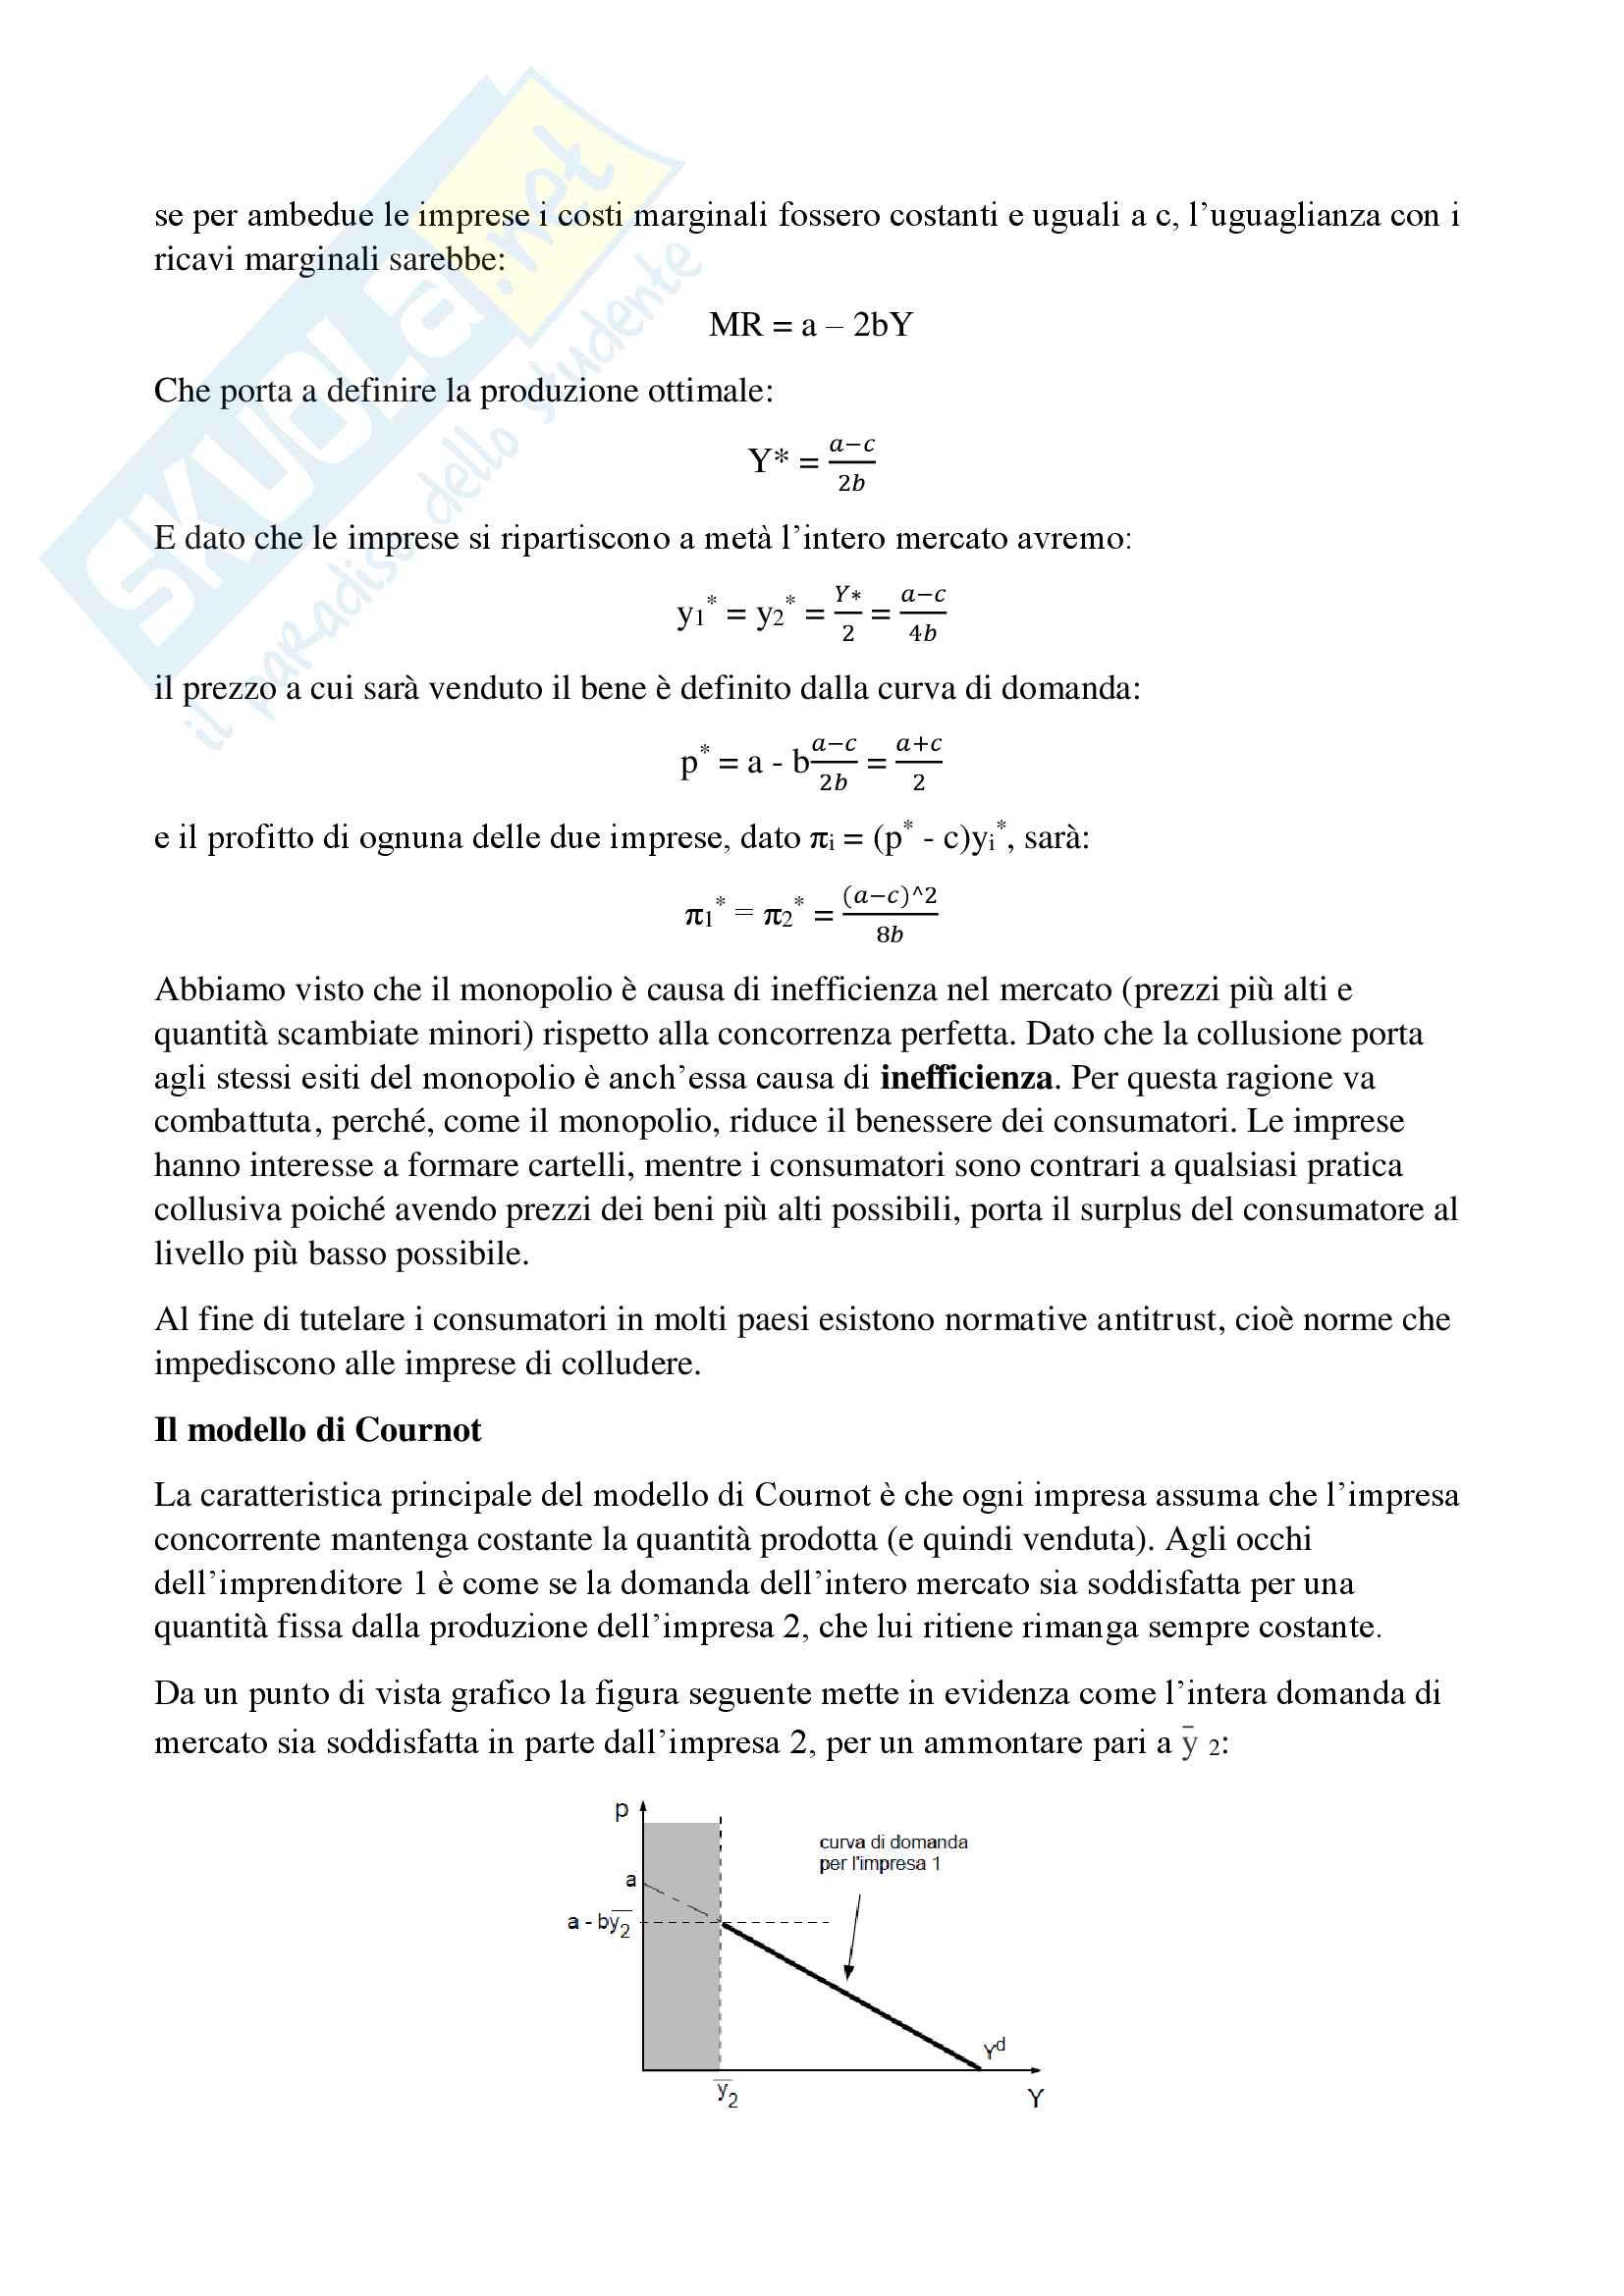 Riassunto esame Economia Politica 1, prof. Staffolani, libro consigliato Microeconomia - Introduzione all'economia politica, Staffolani Pag. 96